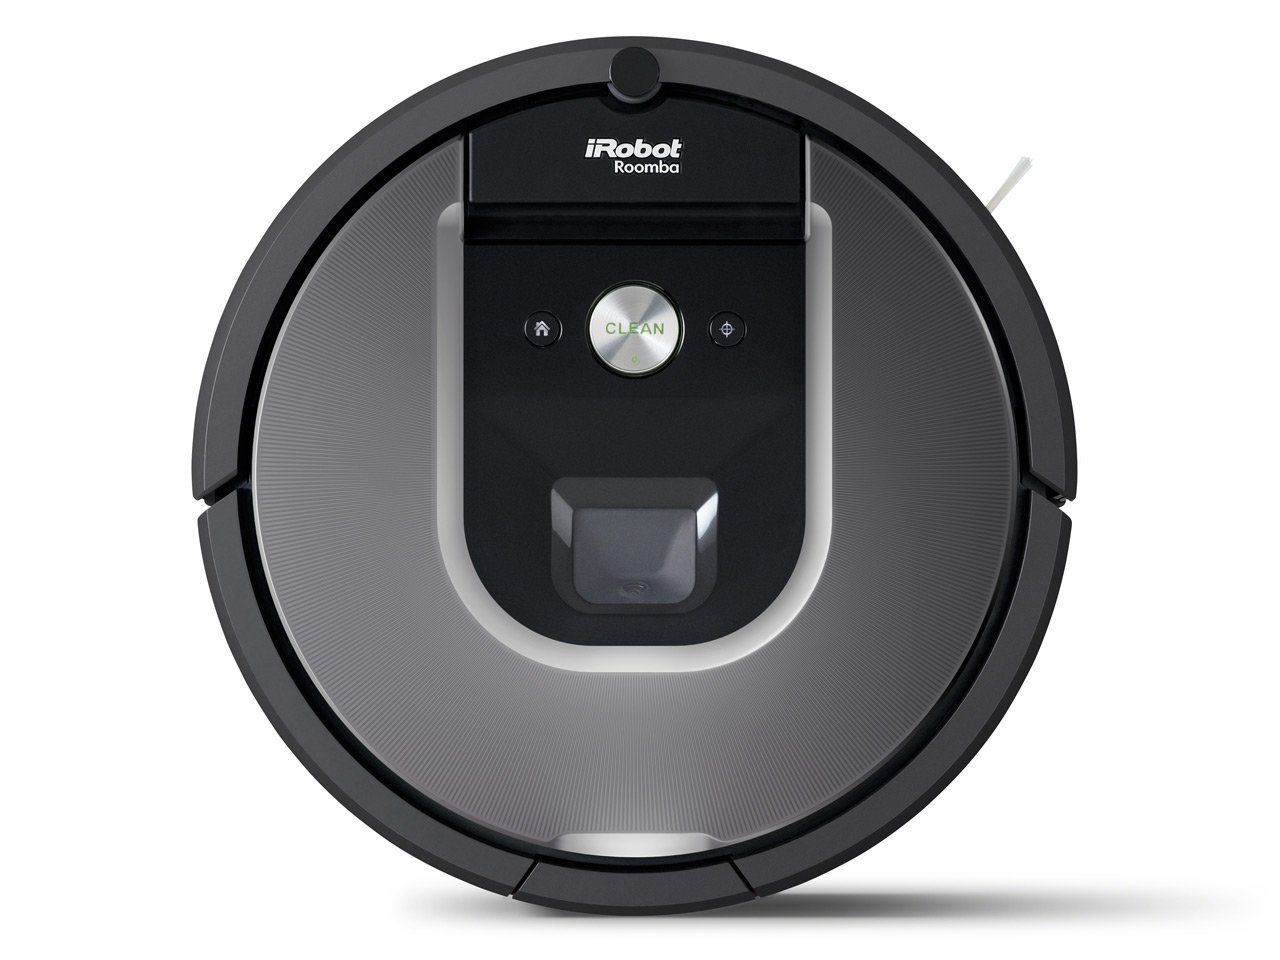 【iRobot 】iRobot ロボットクリーナー ルンバ960